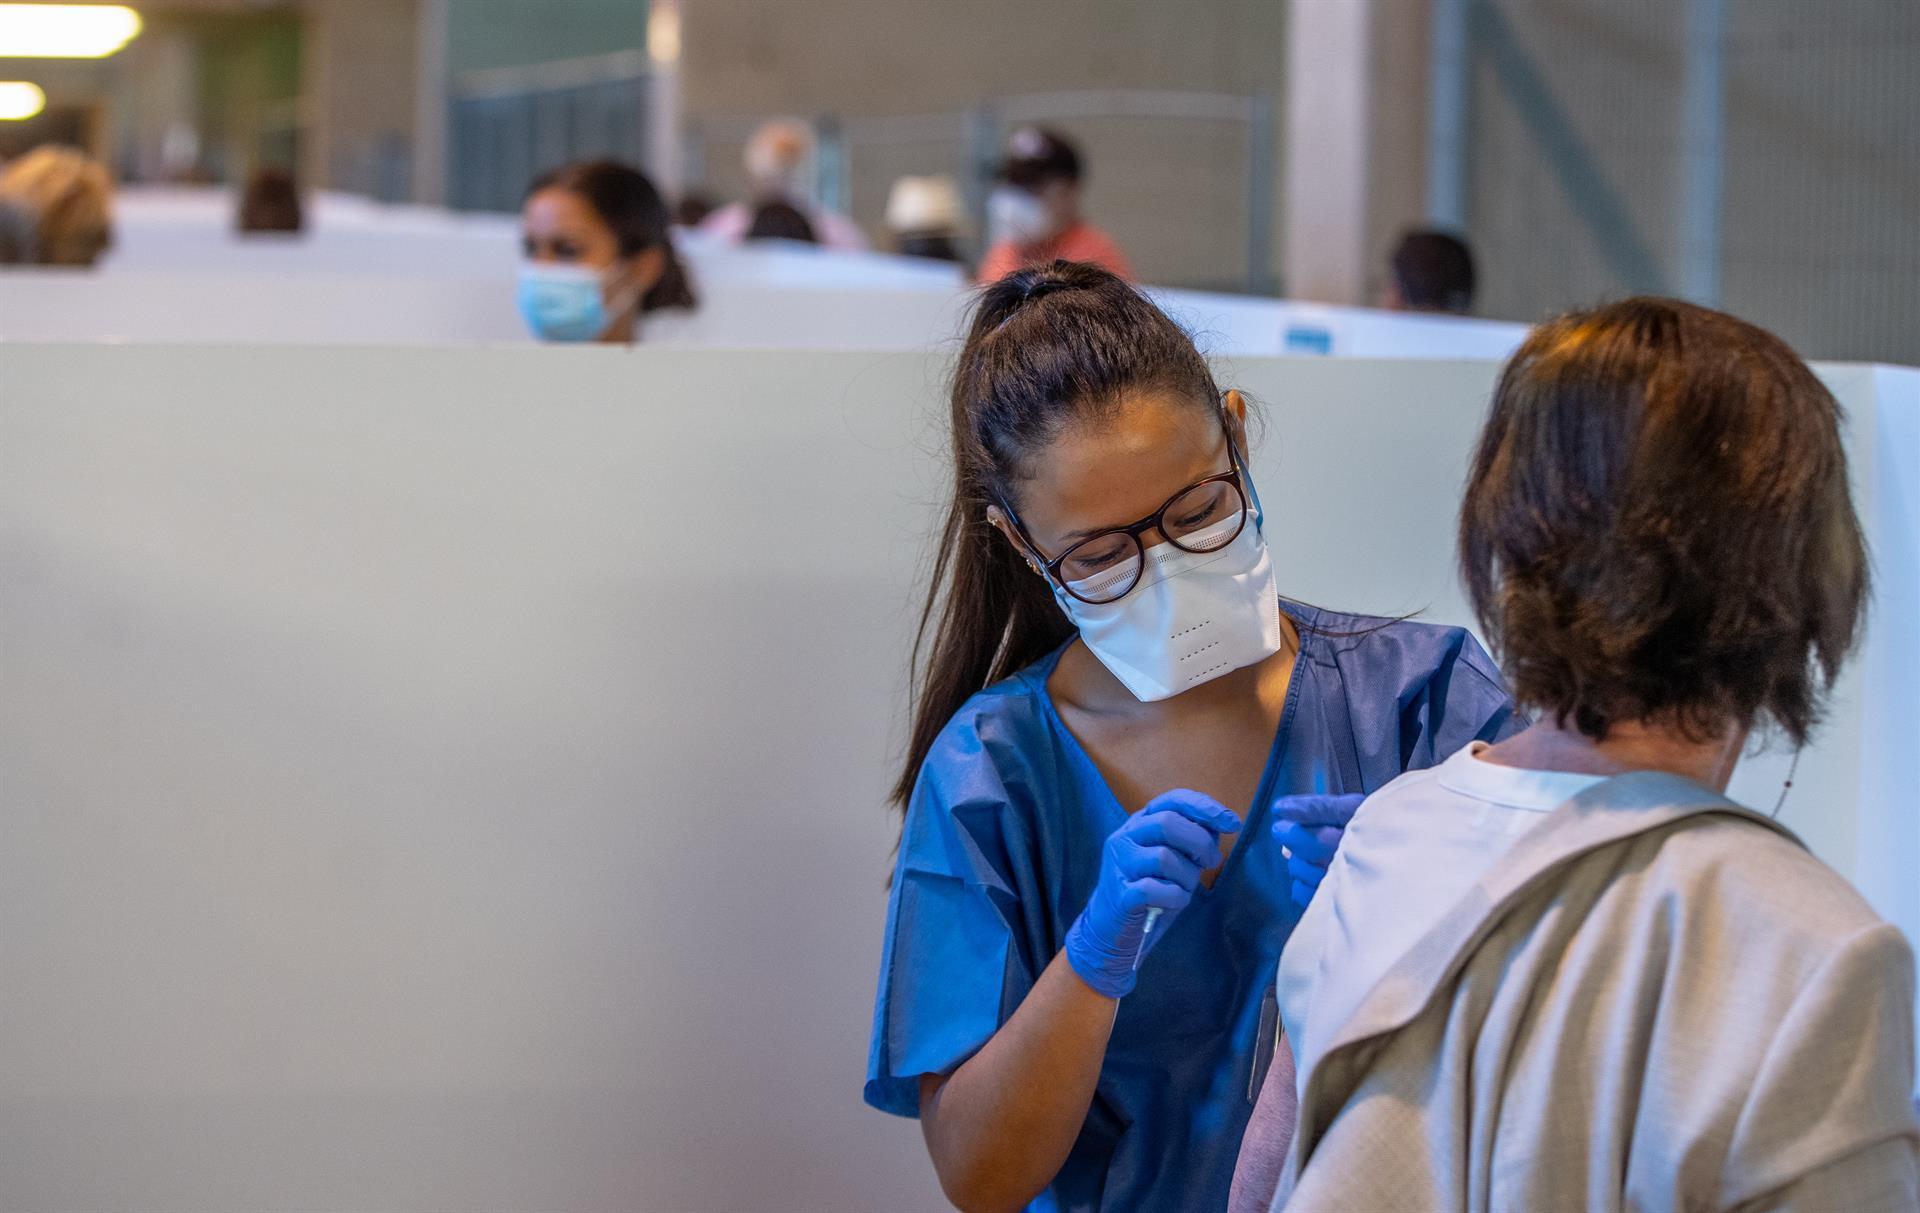 Andalucía alcanza nuevo récord con 747.000 vacunas puestas esta semana, 88.500 más que la anterior marca